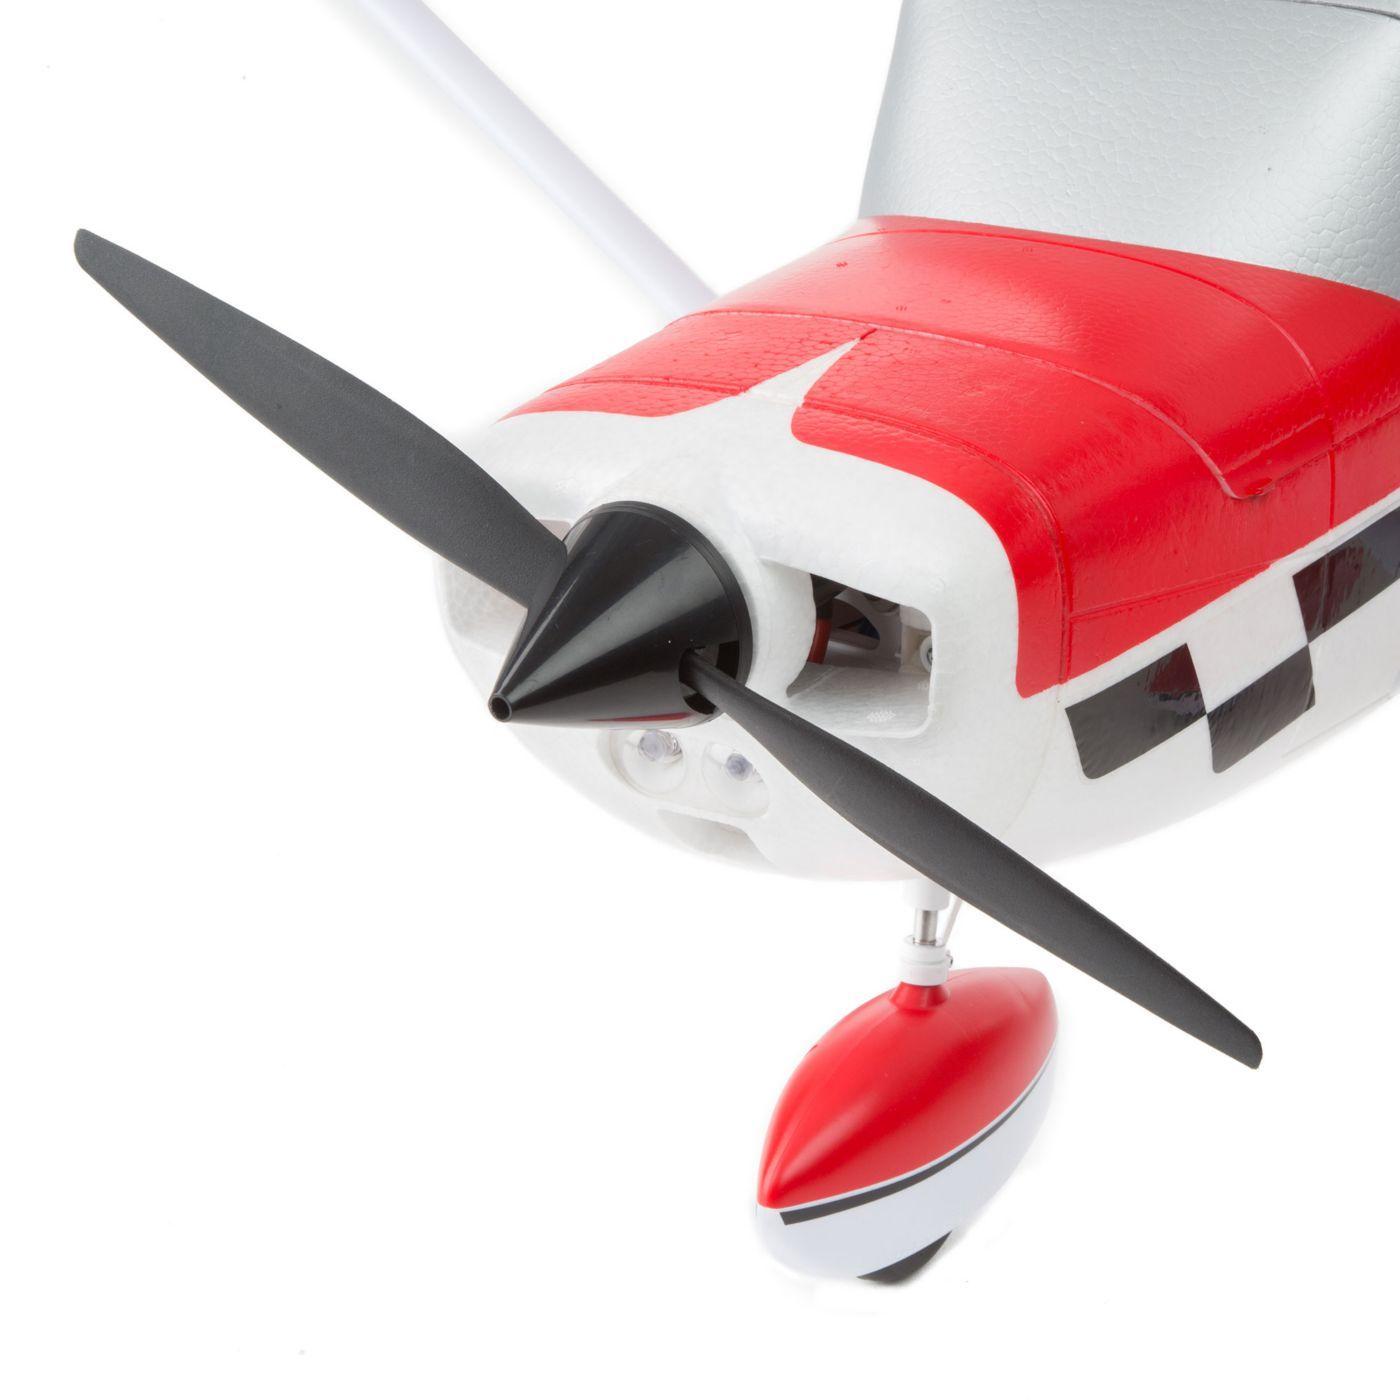 Carbon-Z Cessna 150 E-flite